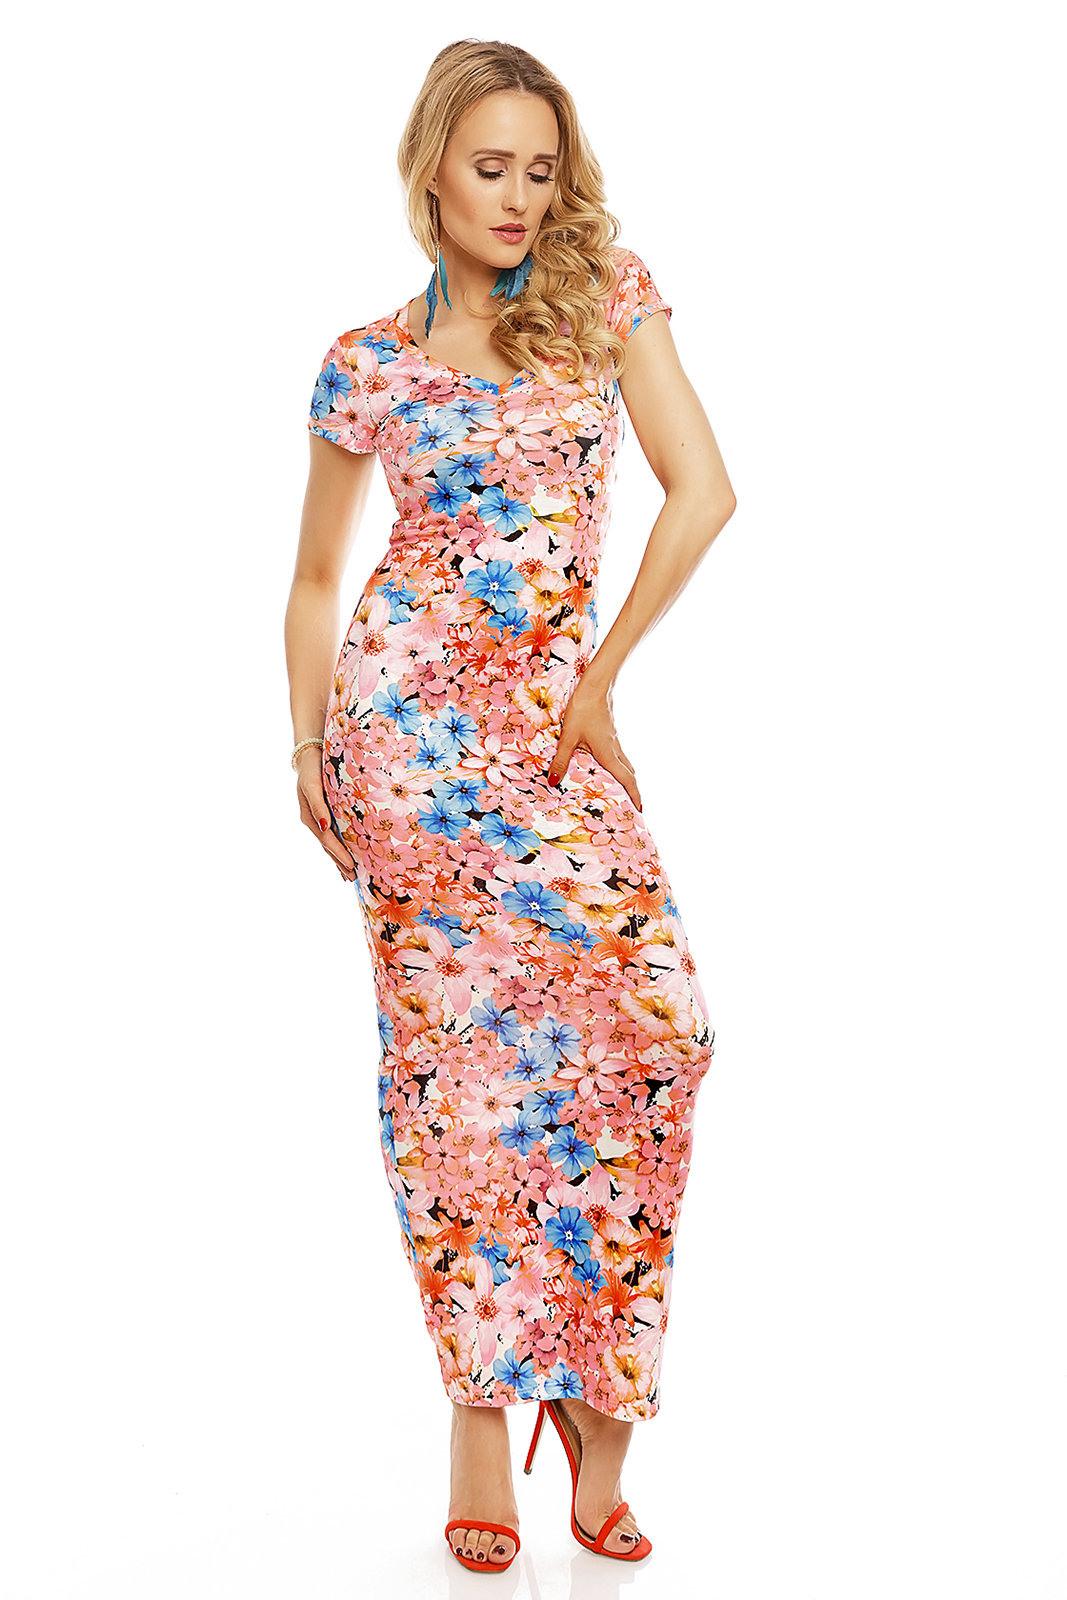 Damen Kleid Sommerkleid Blumenmuster Cocktailkleid